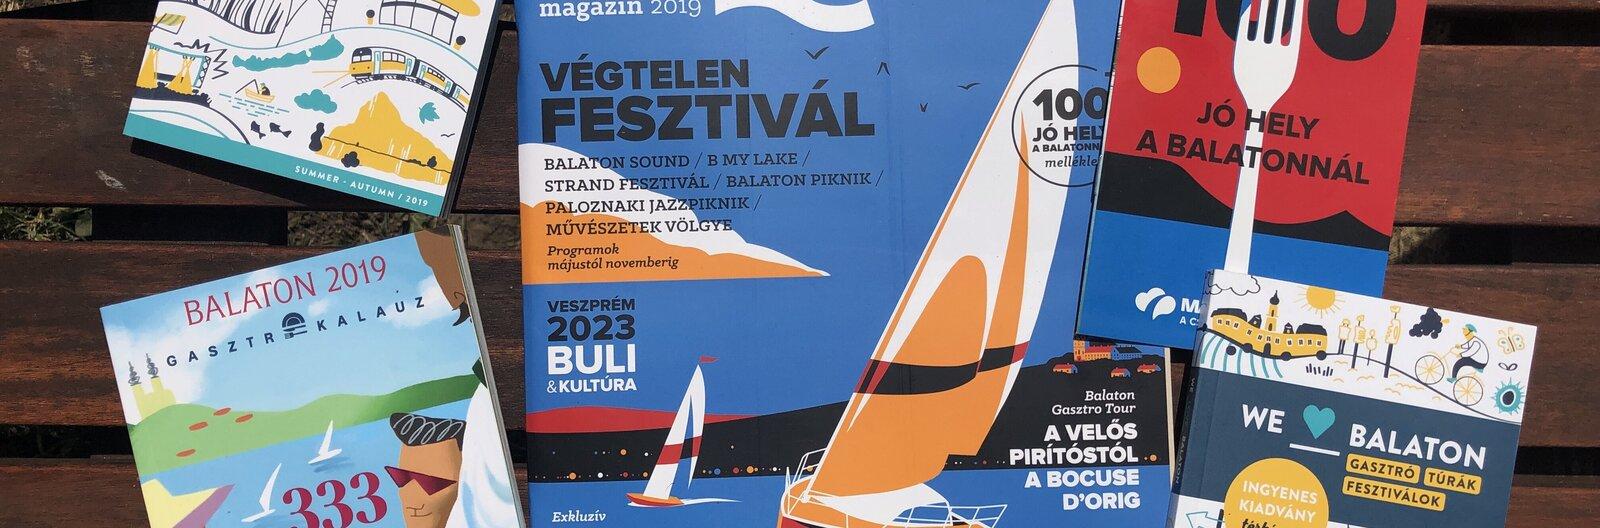 Hat kiadvány, ami segíthet eligazodni idén nyáron a Balatonon